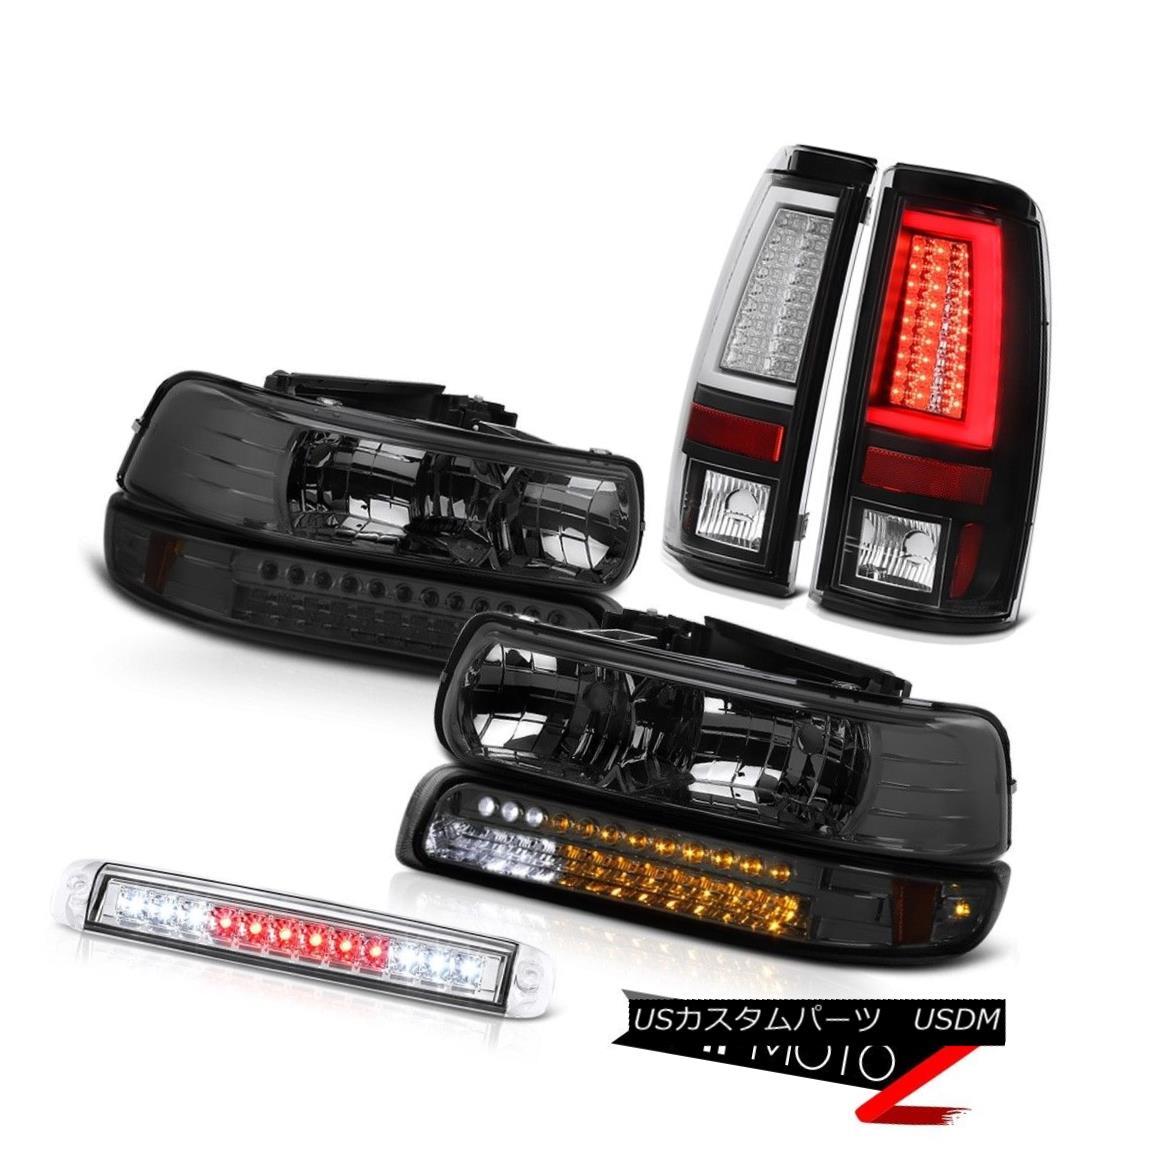 テールライト 99-02 Silverado 2500 Tail Lamps High Stop Light Signal Lamp Headlights OE Style 99-02 Silverado 2500テールランプハイストップランプ信号ランプヘッドライトOEスタイル